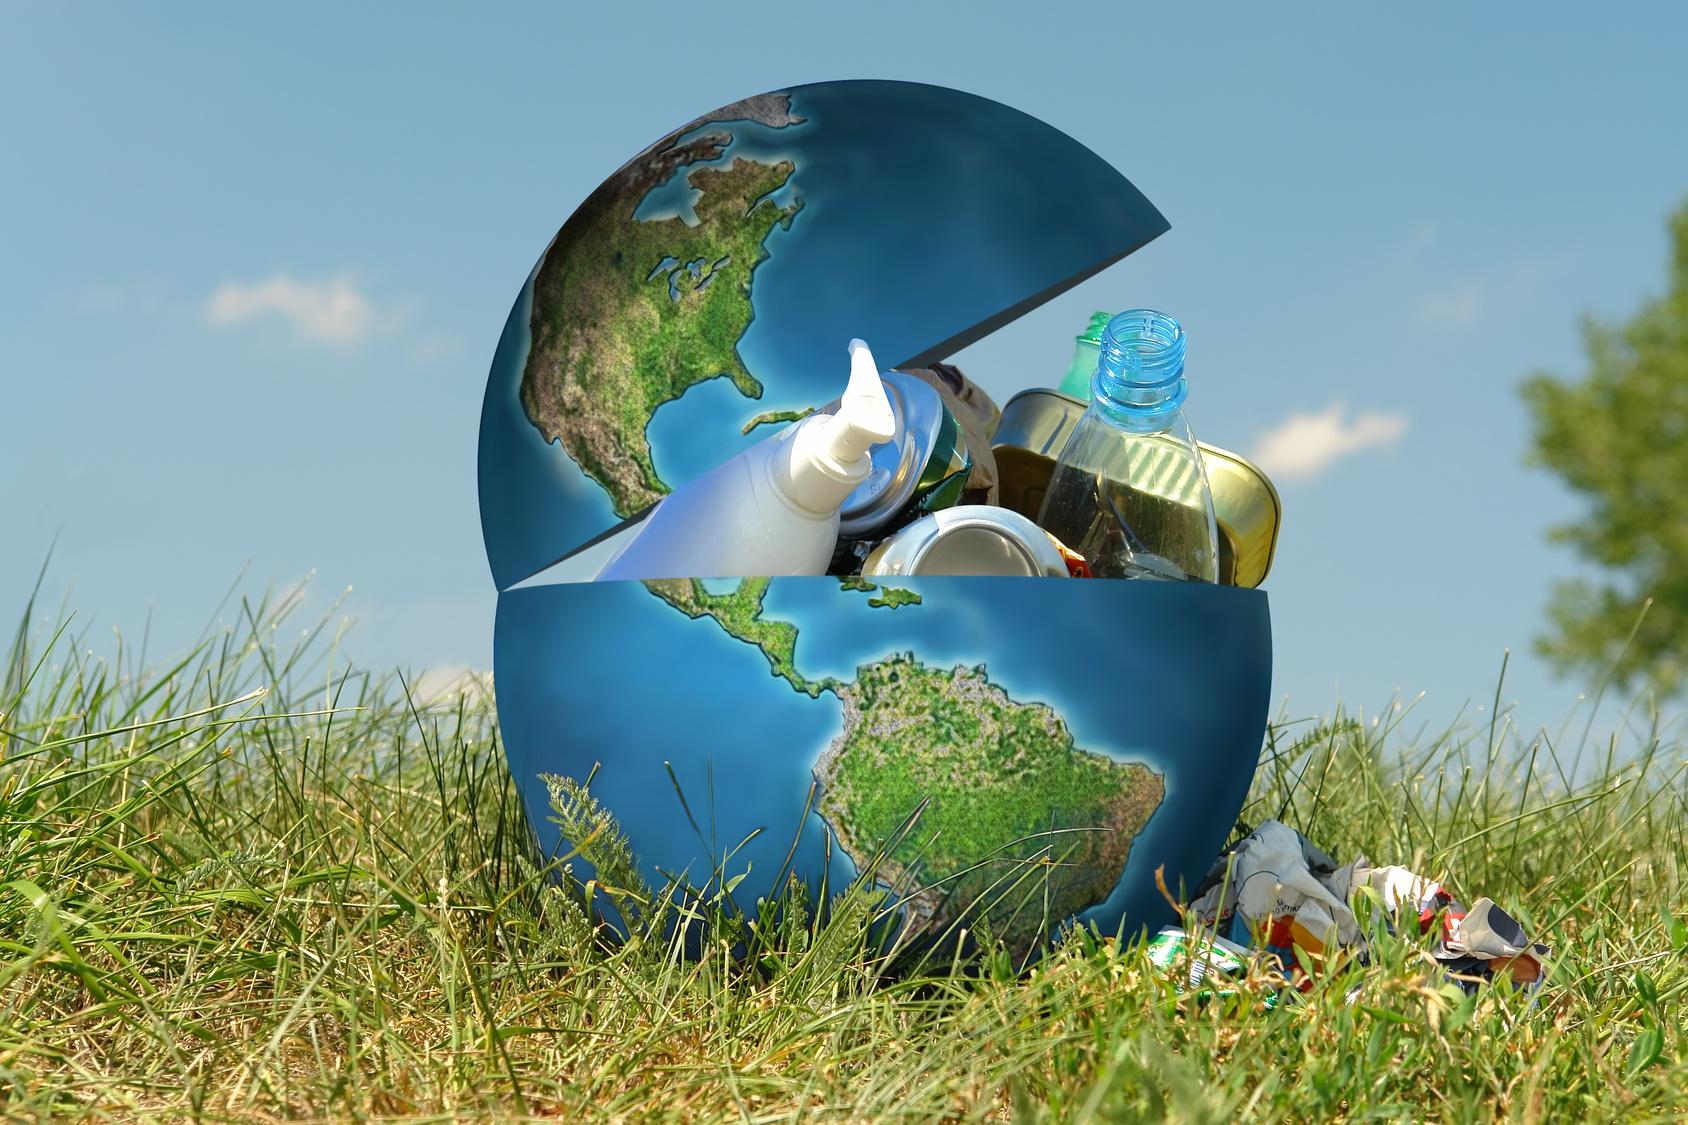 Всероссийский конкурс творческих работ «Сохраним природу - спасём жизнь!»